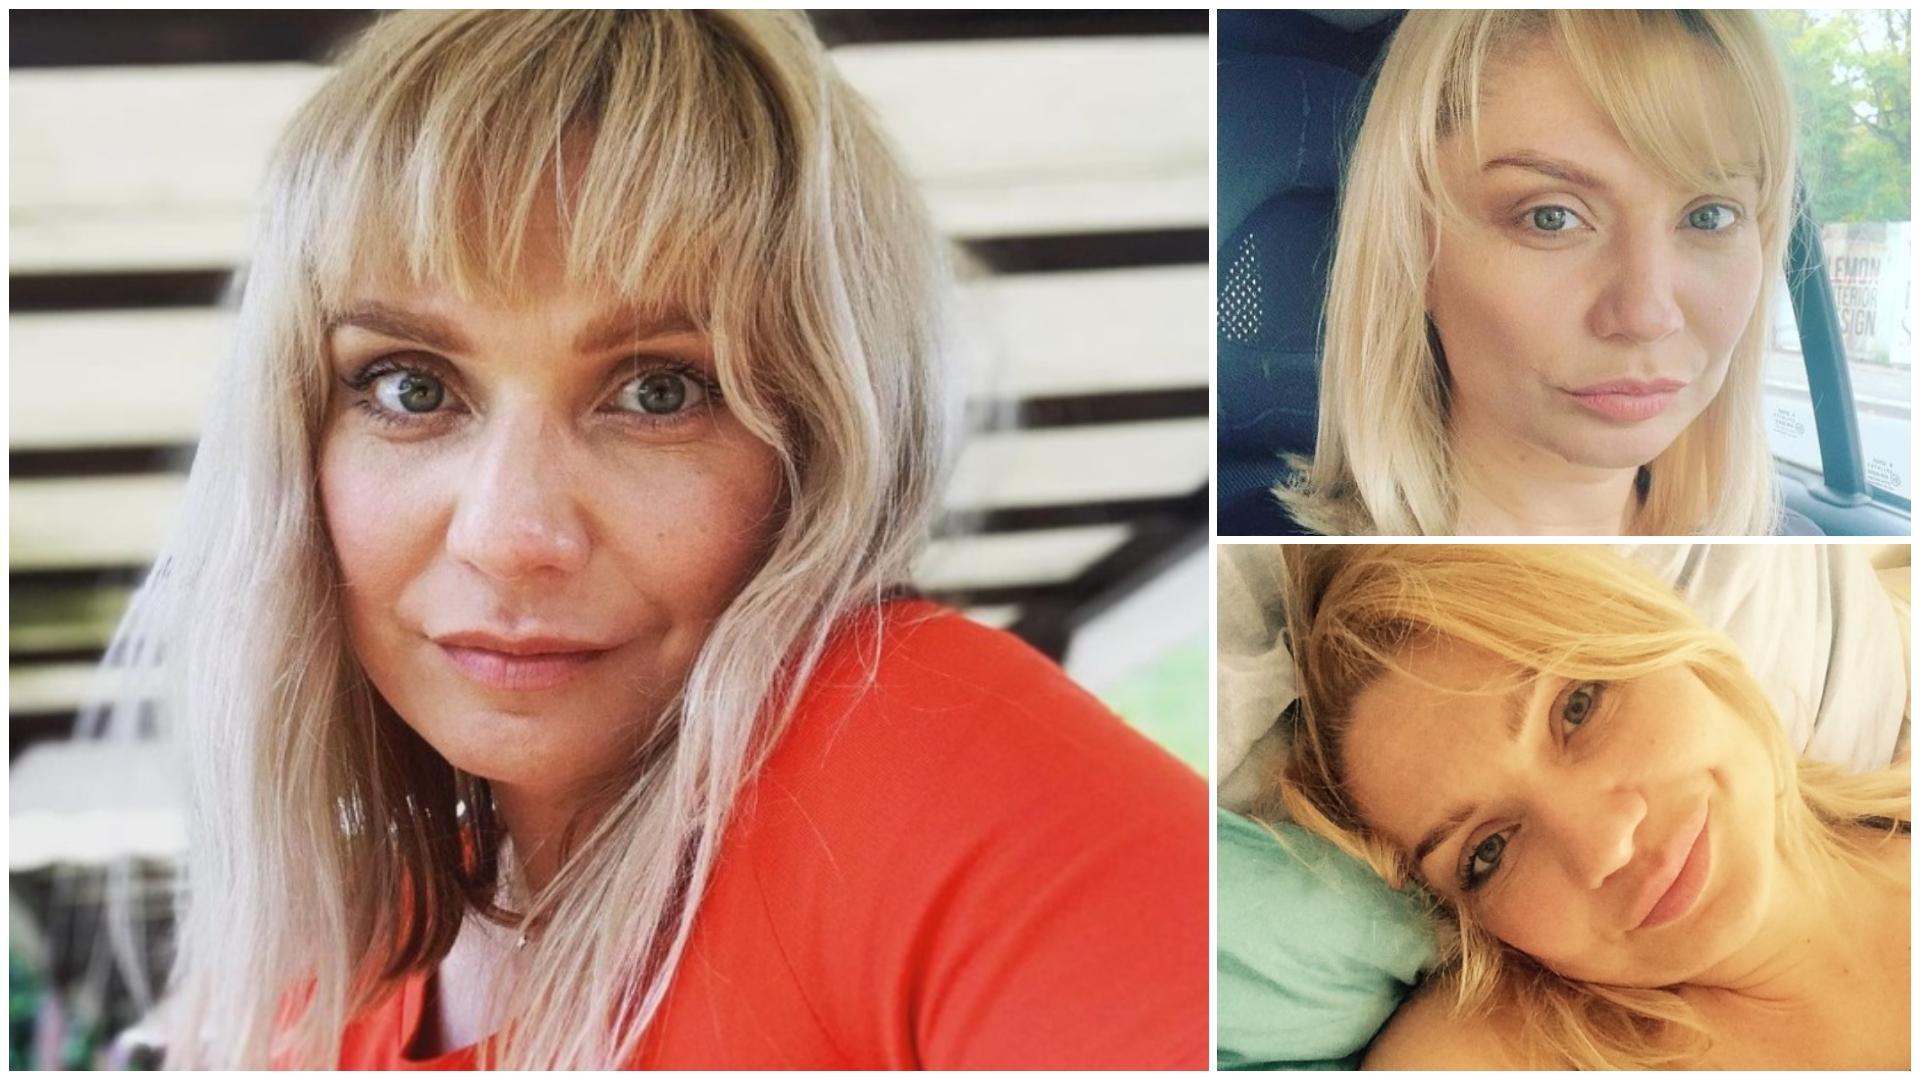 Cristina Cioran și-a vizitat fiica la spital, după ce s-a întors de la mare. Ce spune vedeta despre starea de sănătate a micuței